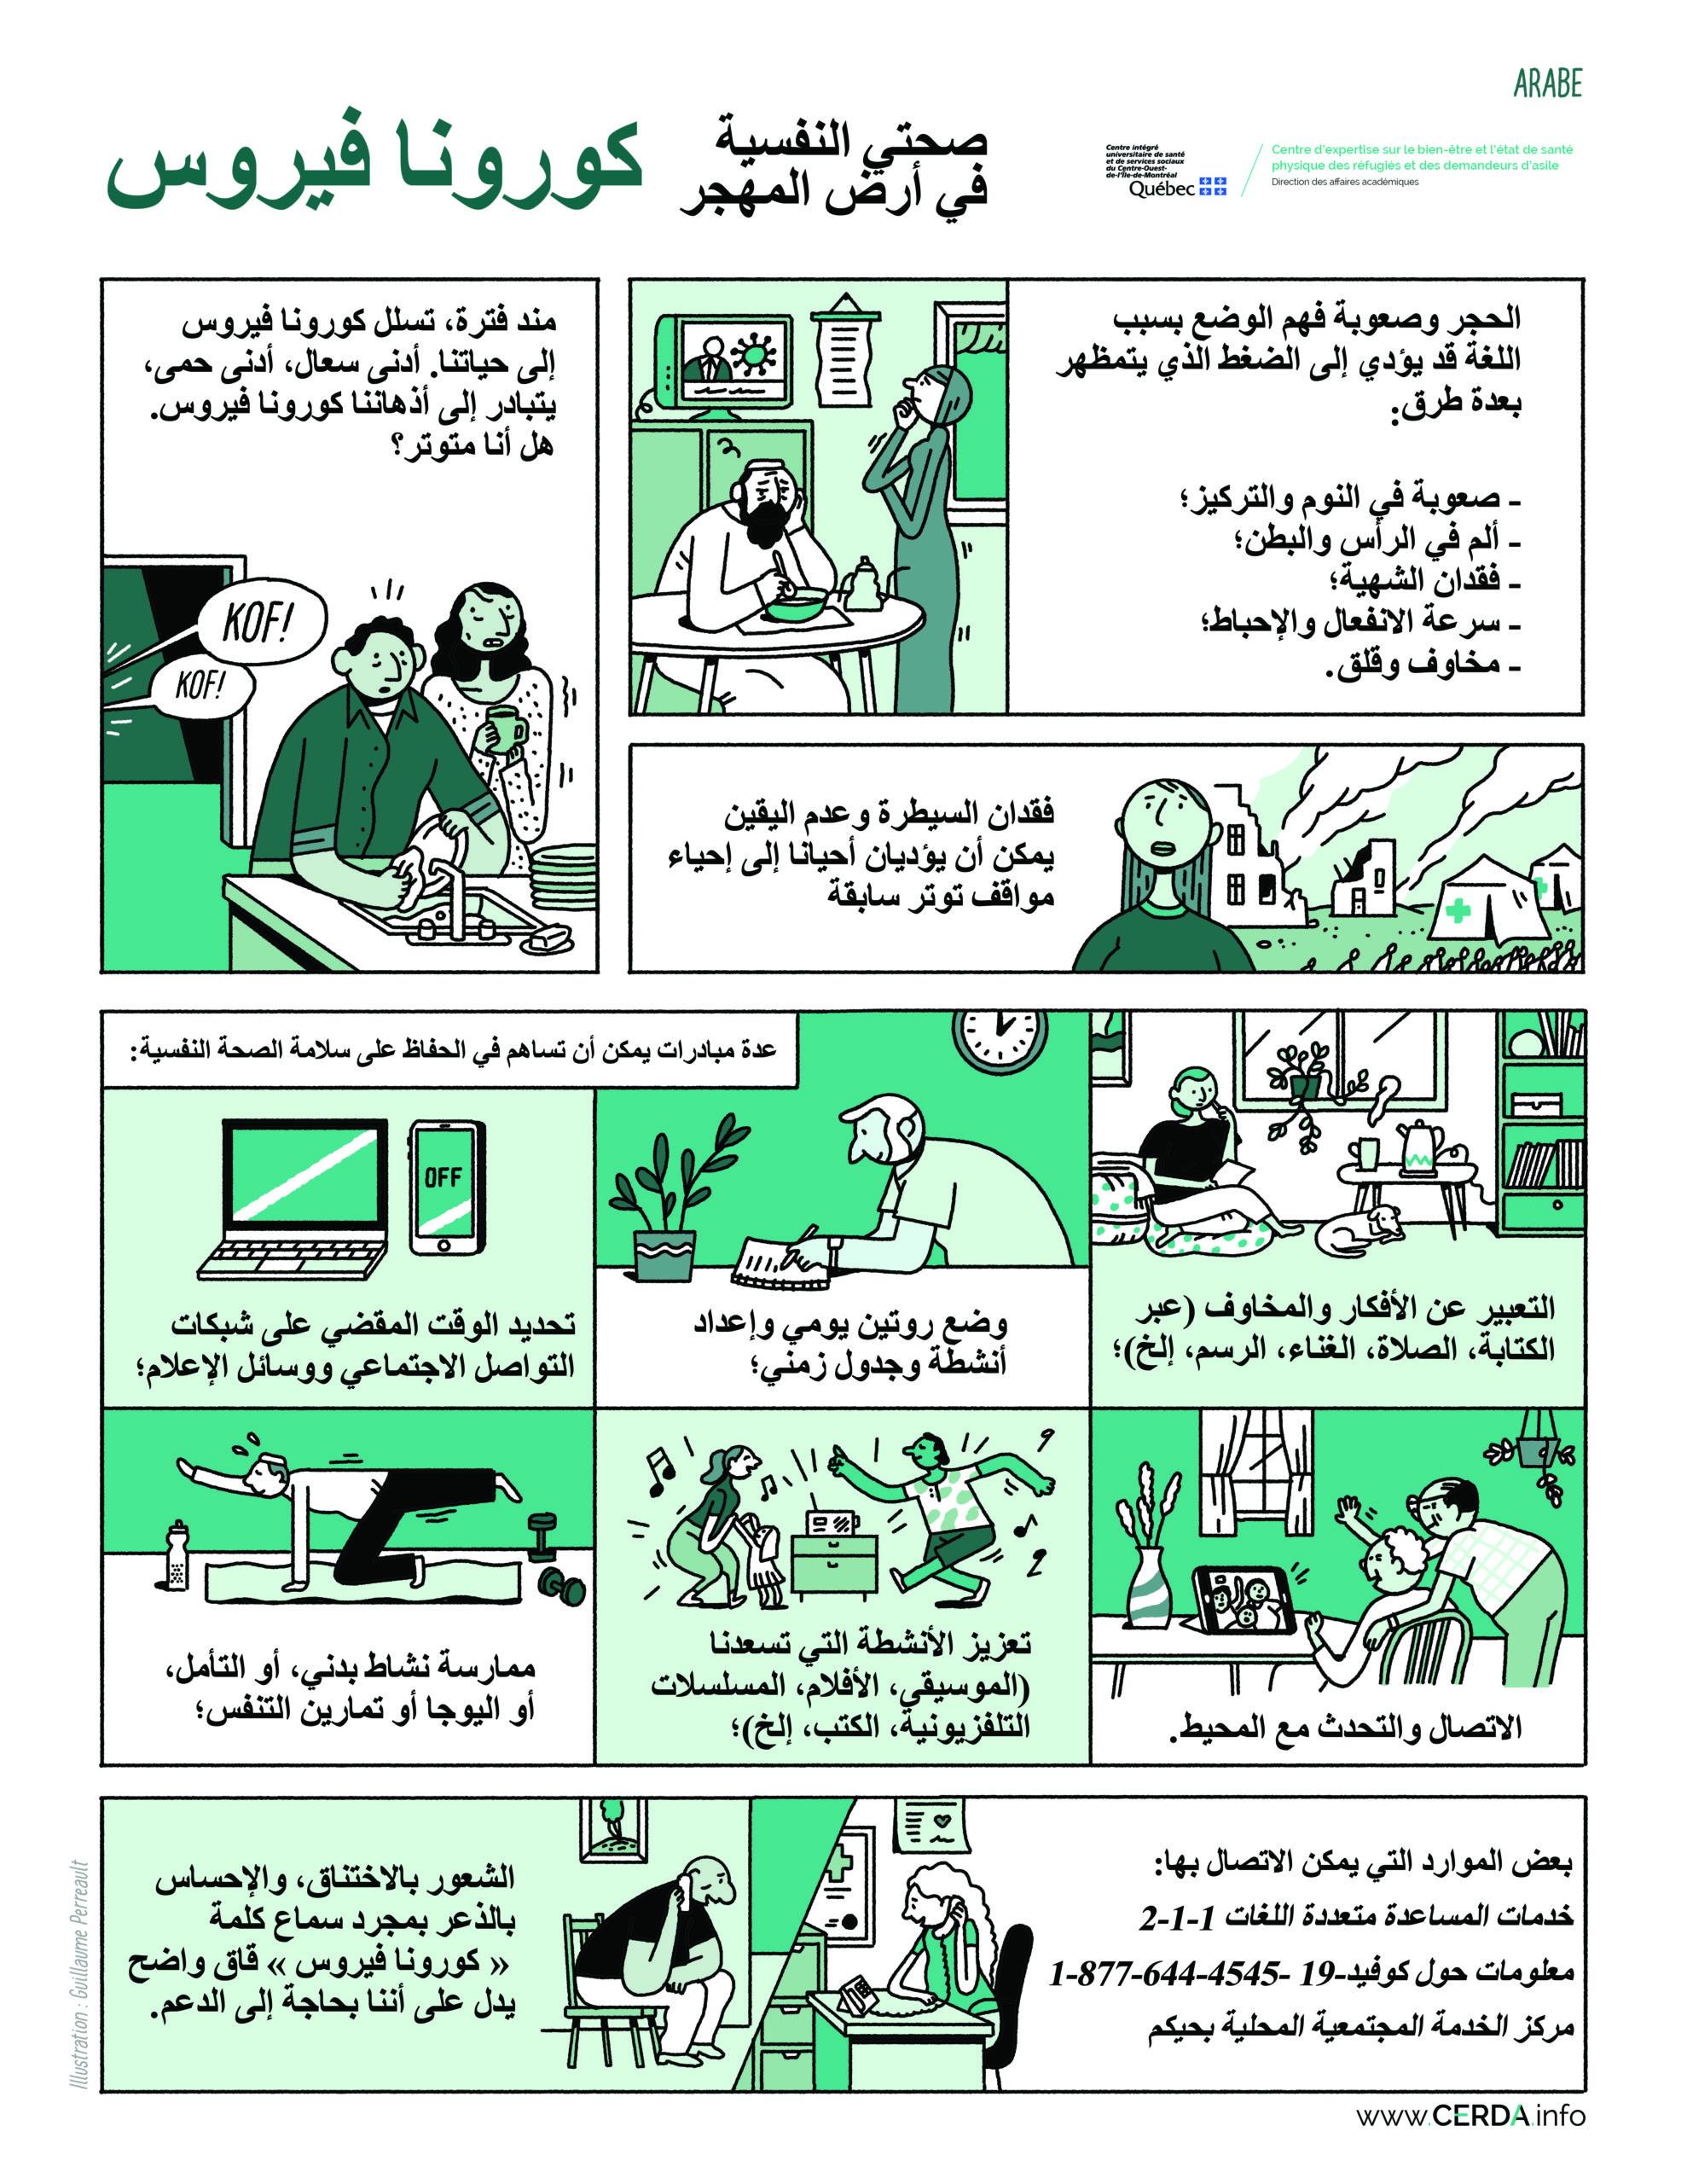 BD - Coronavirus, mon bien-être en terre d'accueil - Arabe